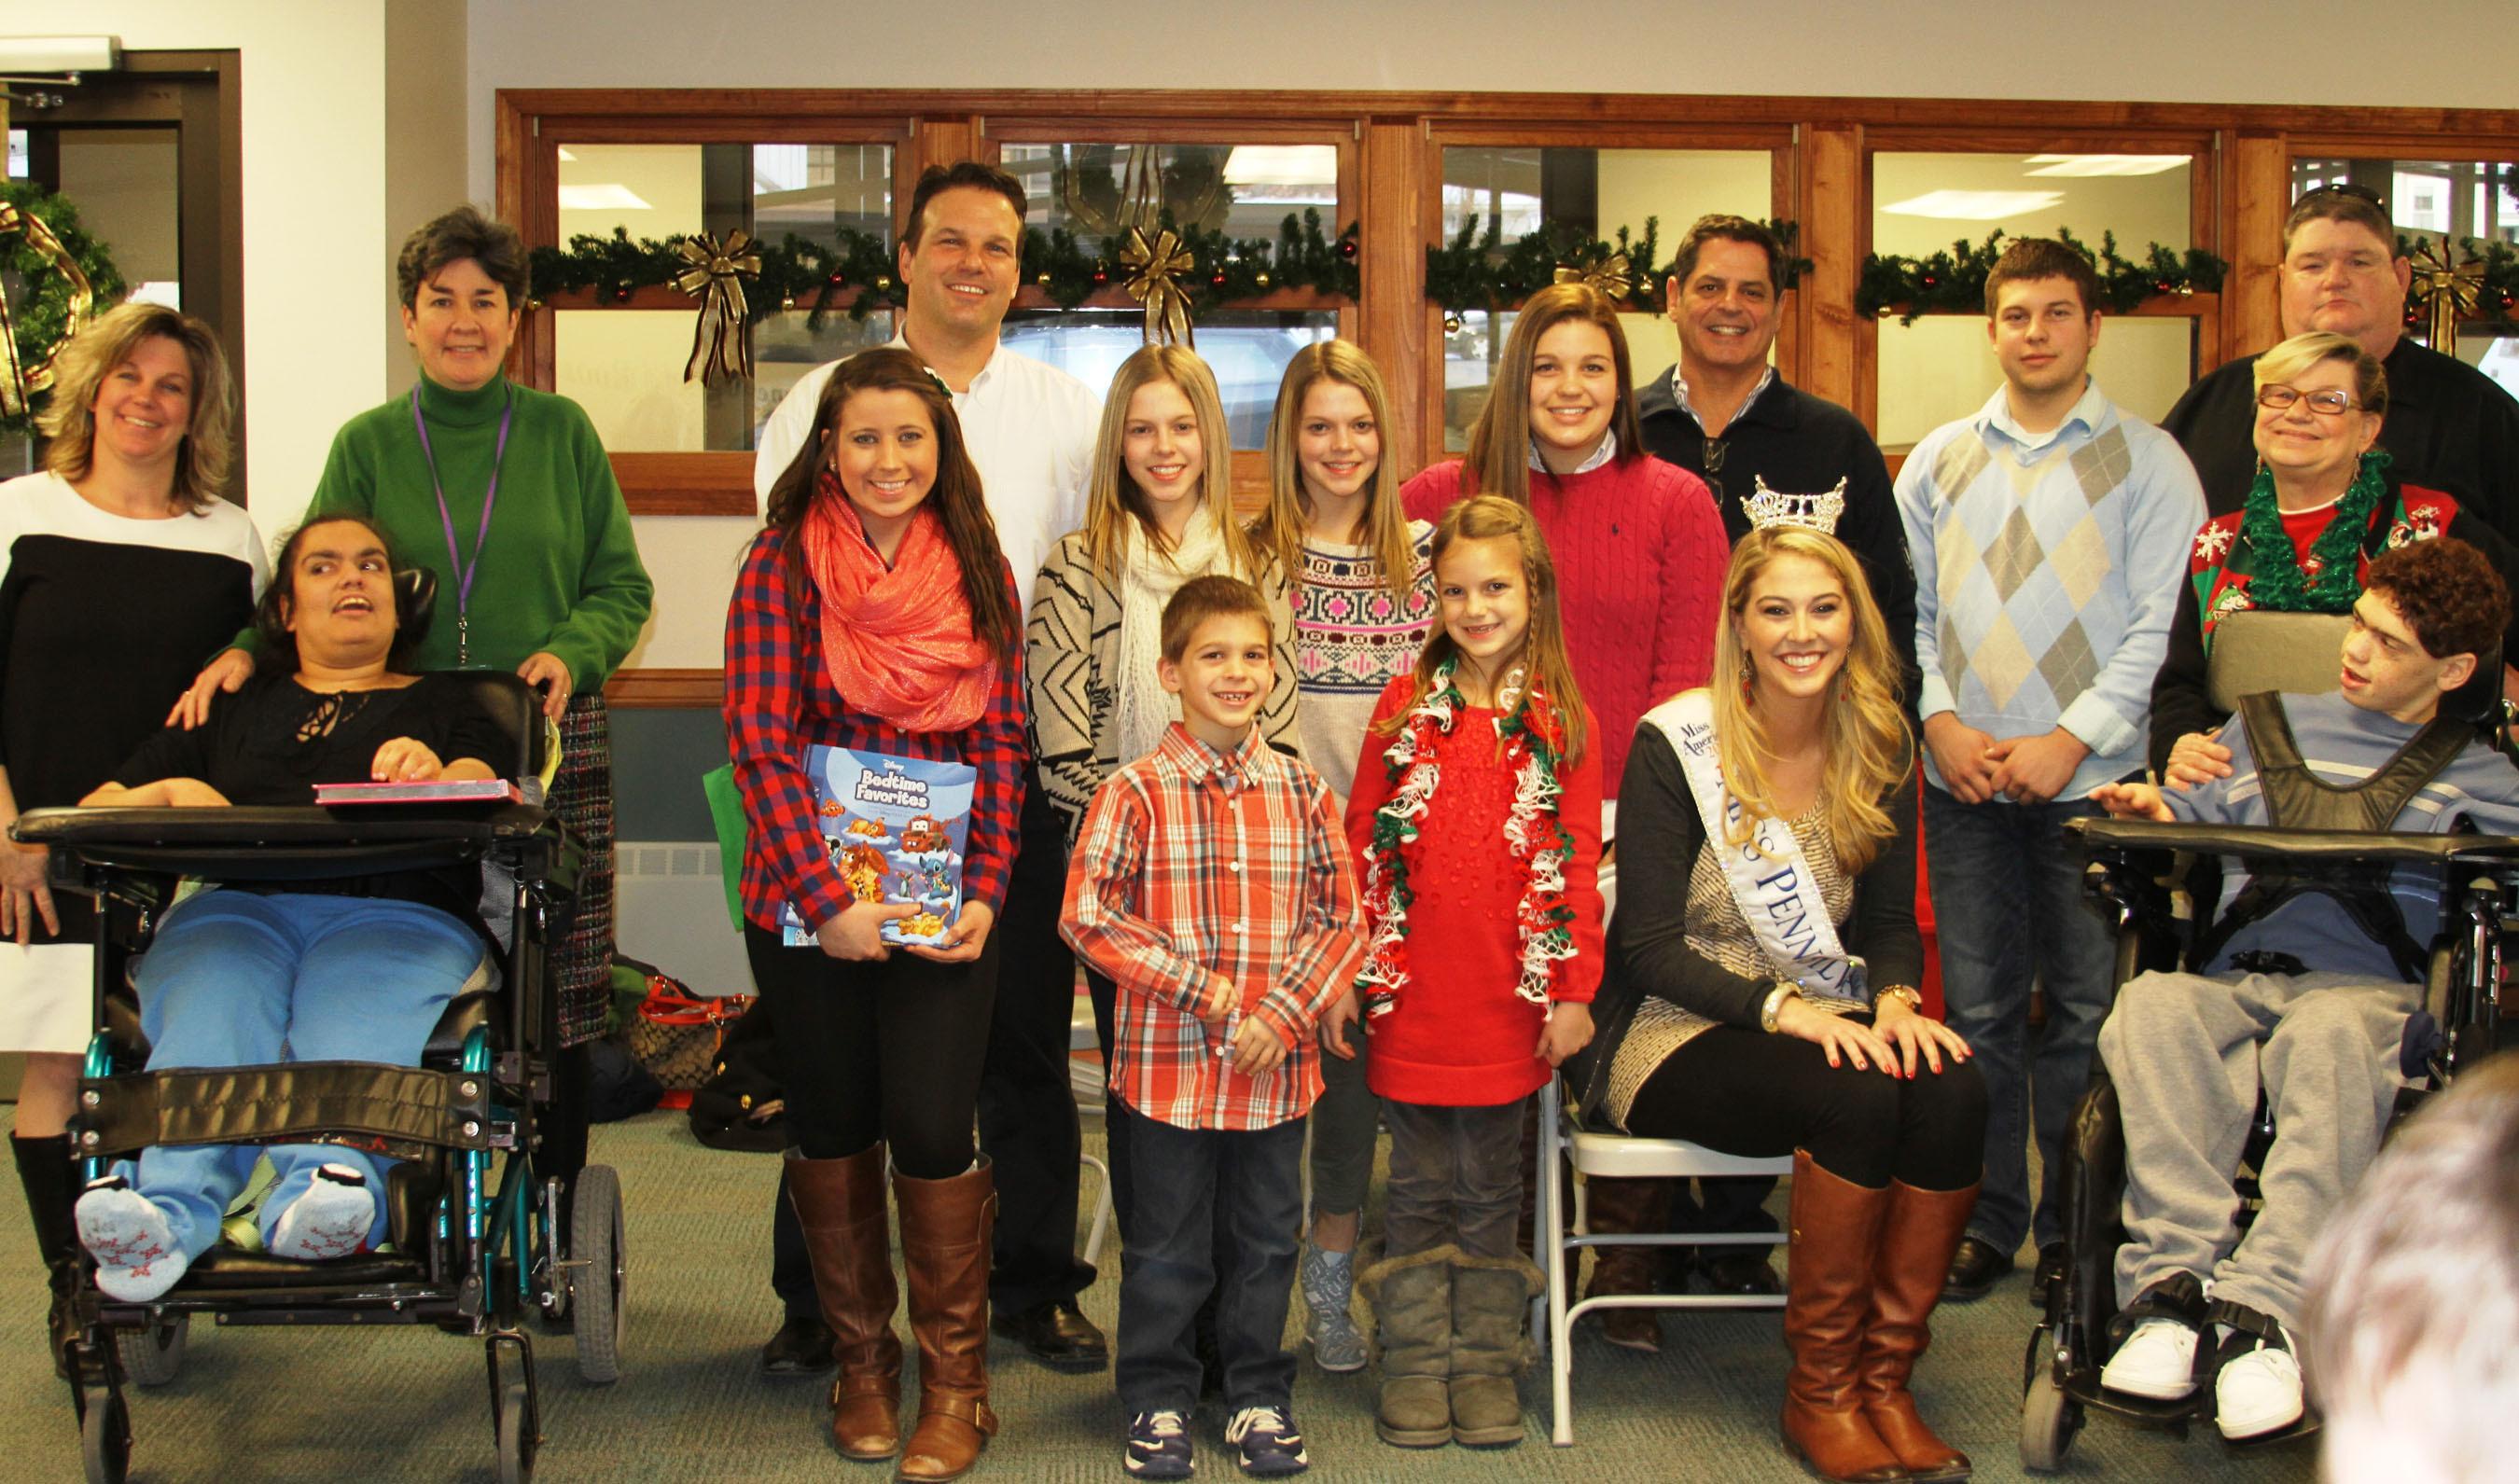 The Santarelli Family Donate More Than 1,700 Books in the Scranton Area